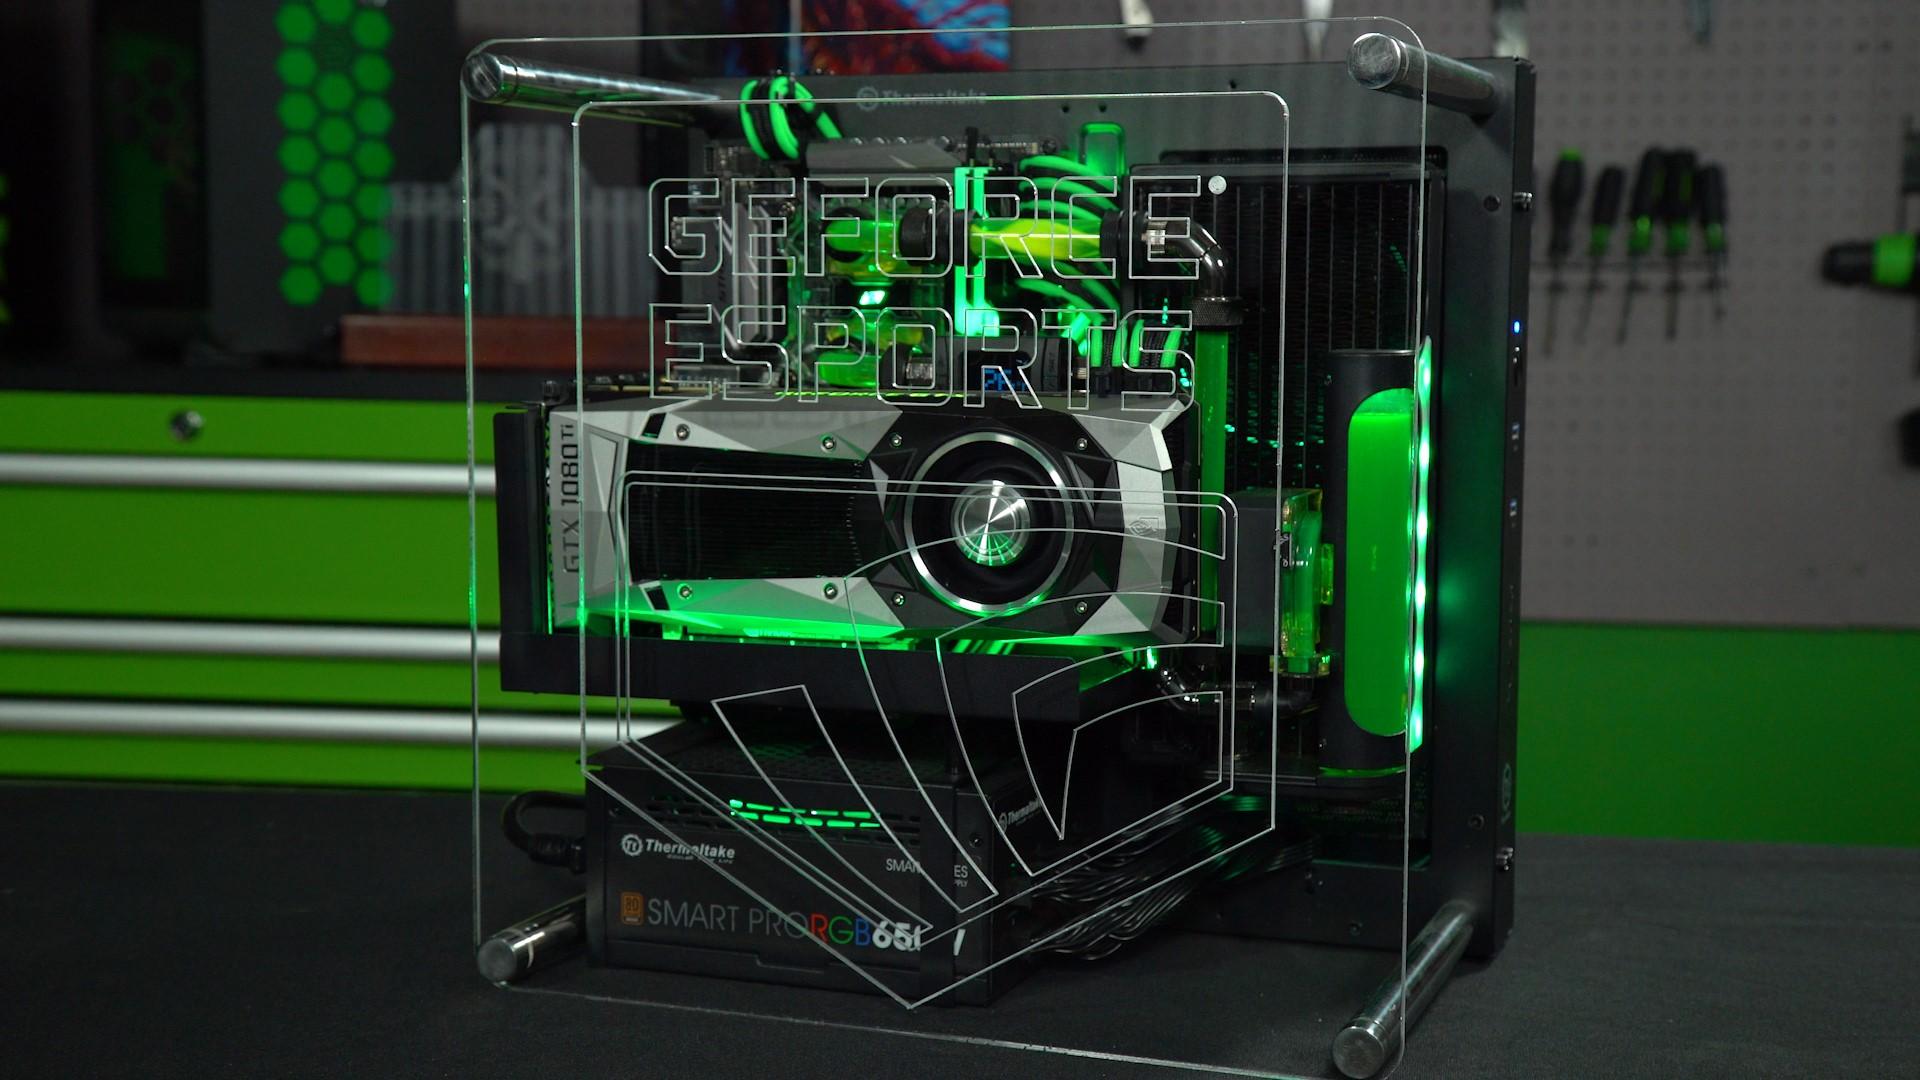 3440x1440 Wallpaper Pubg Geforce Garage How To Build Our Geforce Esports Rig Geforce